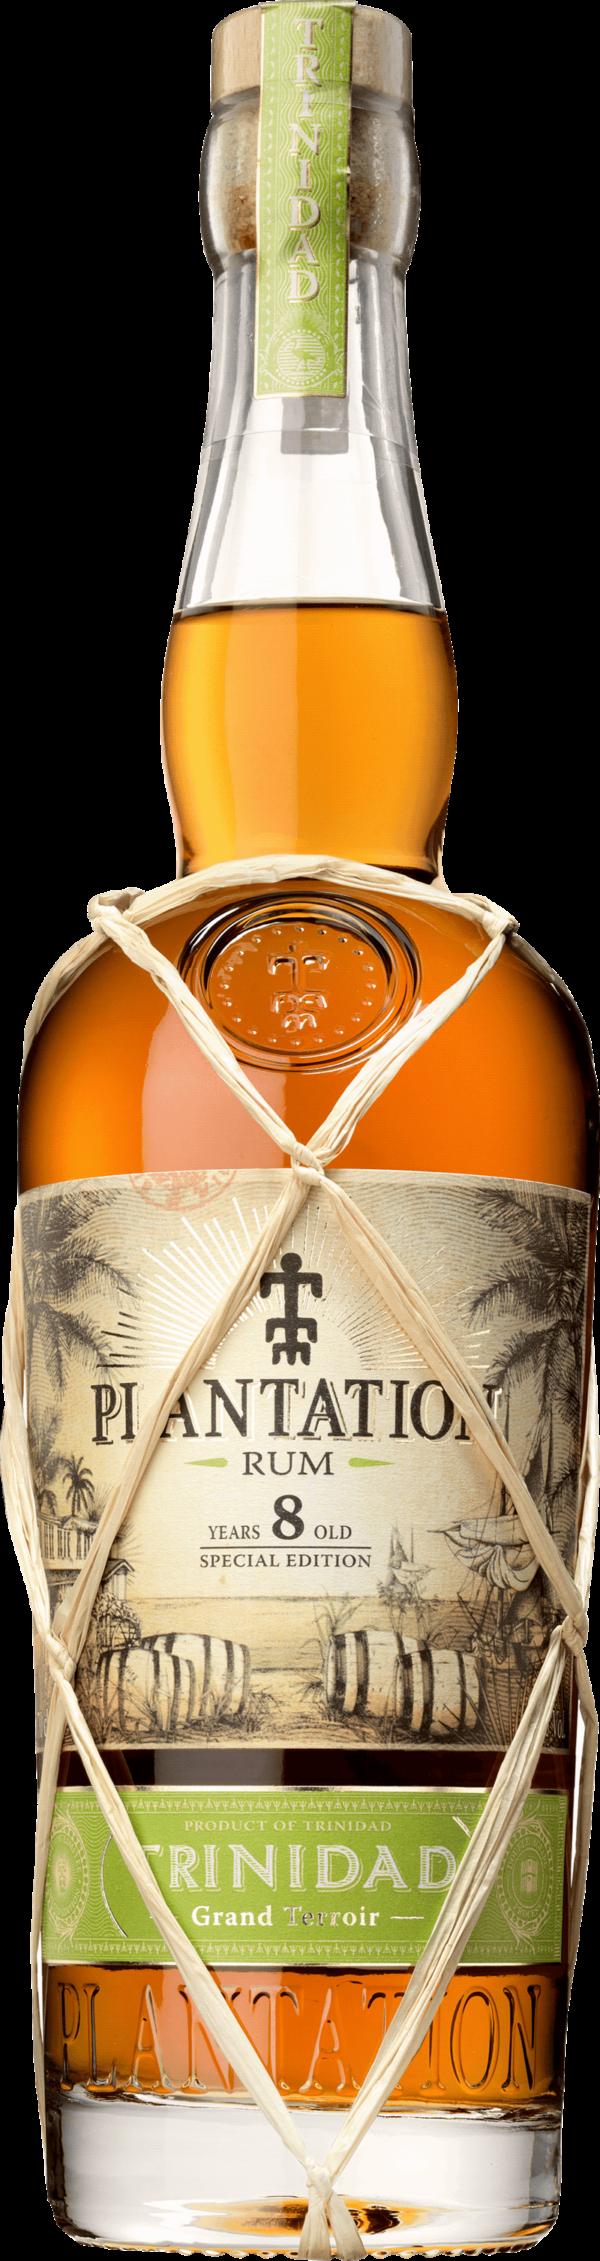 Plantation Trinidad 8 Years. En Rom av typen Mörk rom i en 700 Flaska från